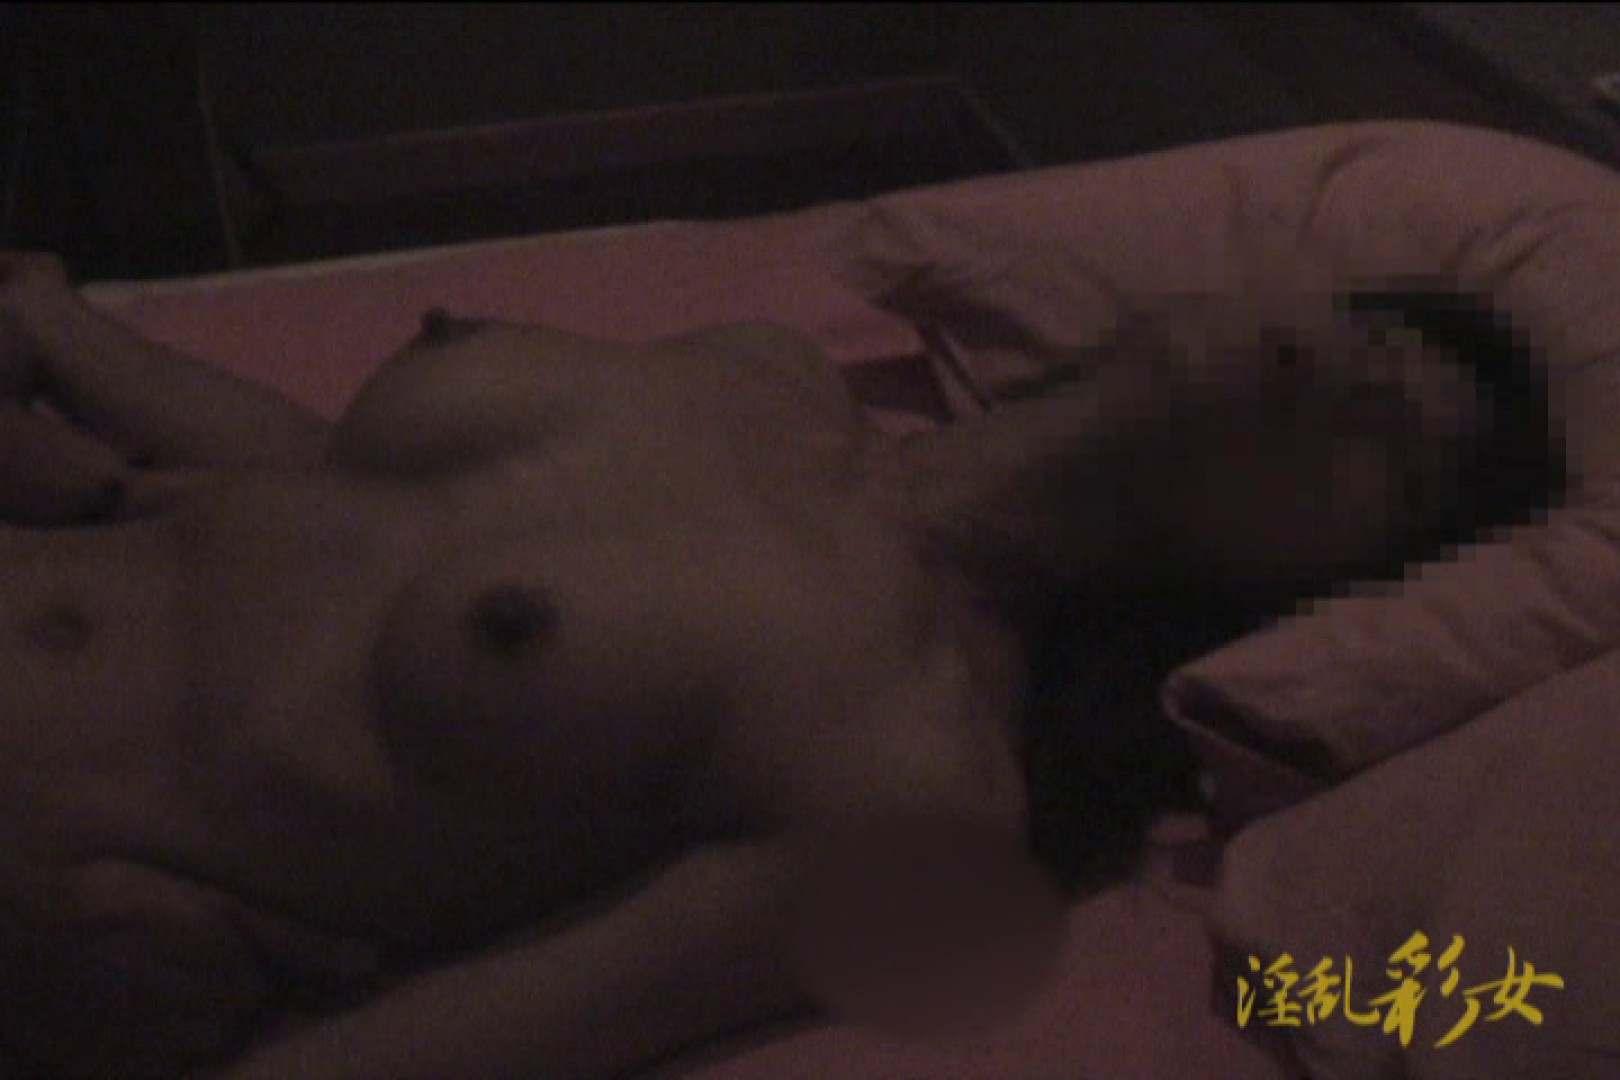 淫乱彩女 麻優里 旦那の前で王様ゲーム ホテル われめAV動画紹介 108枚 103